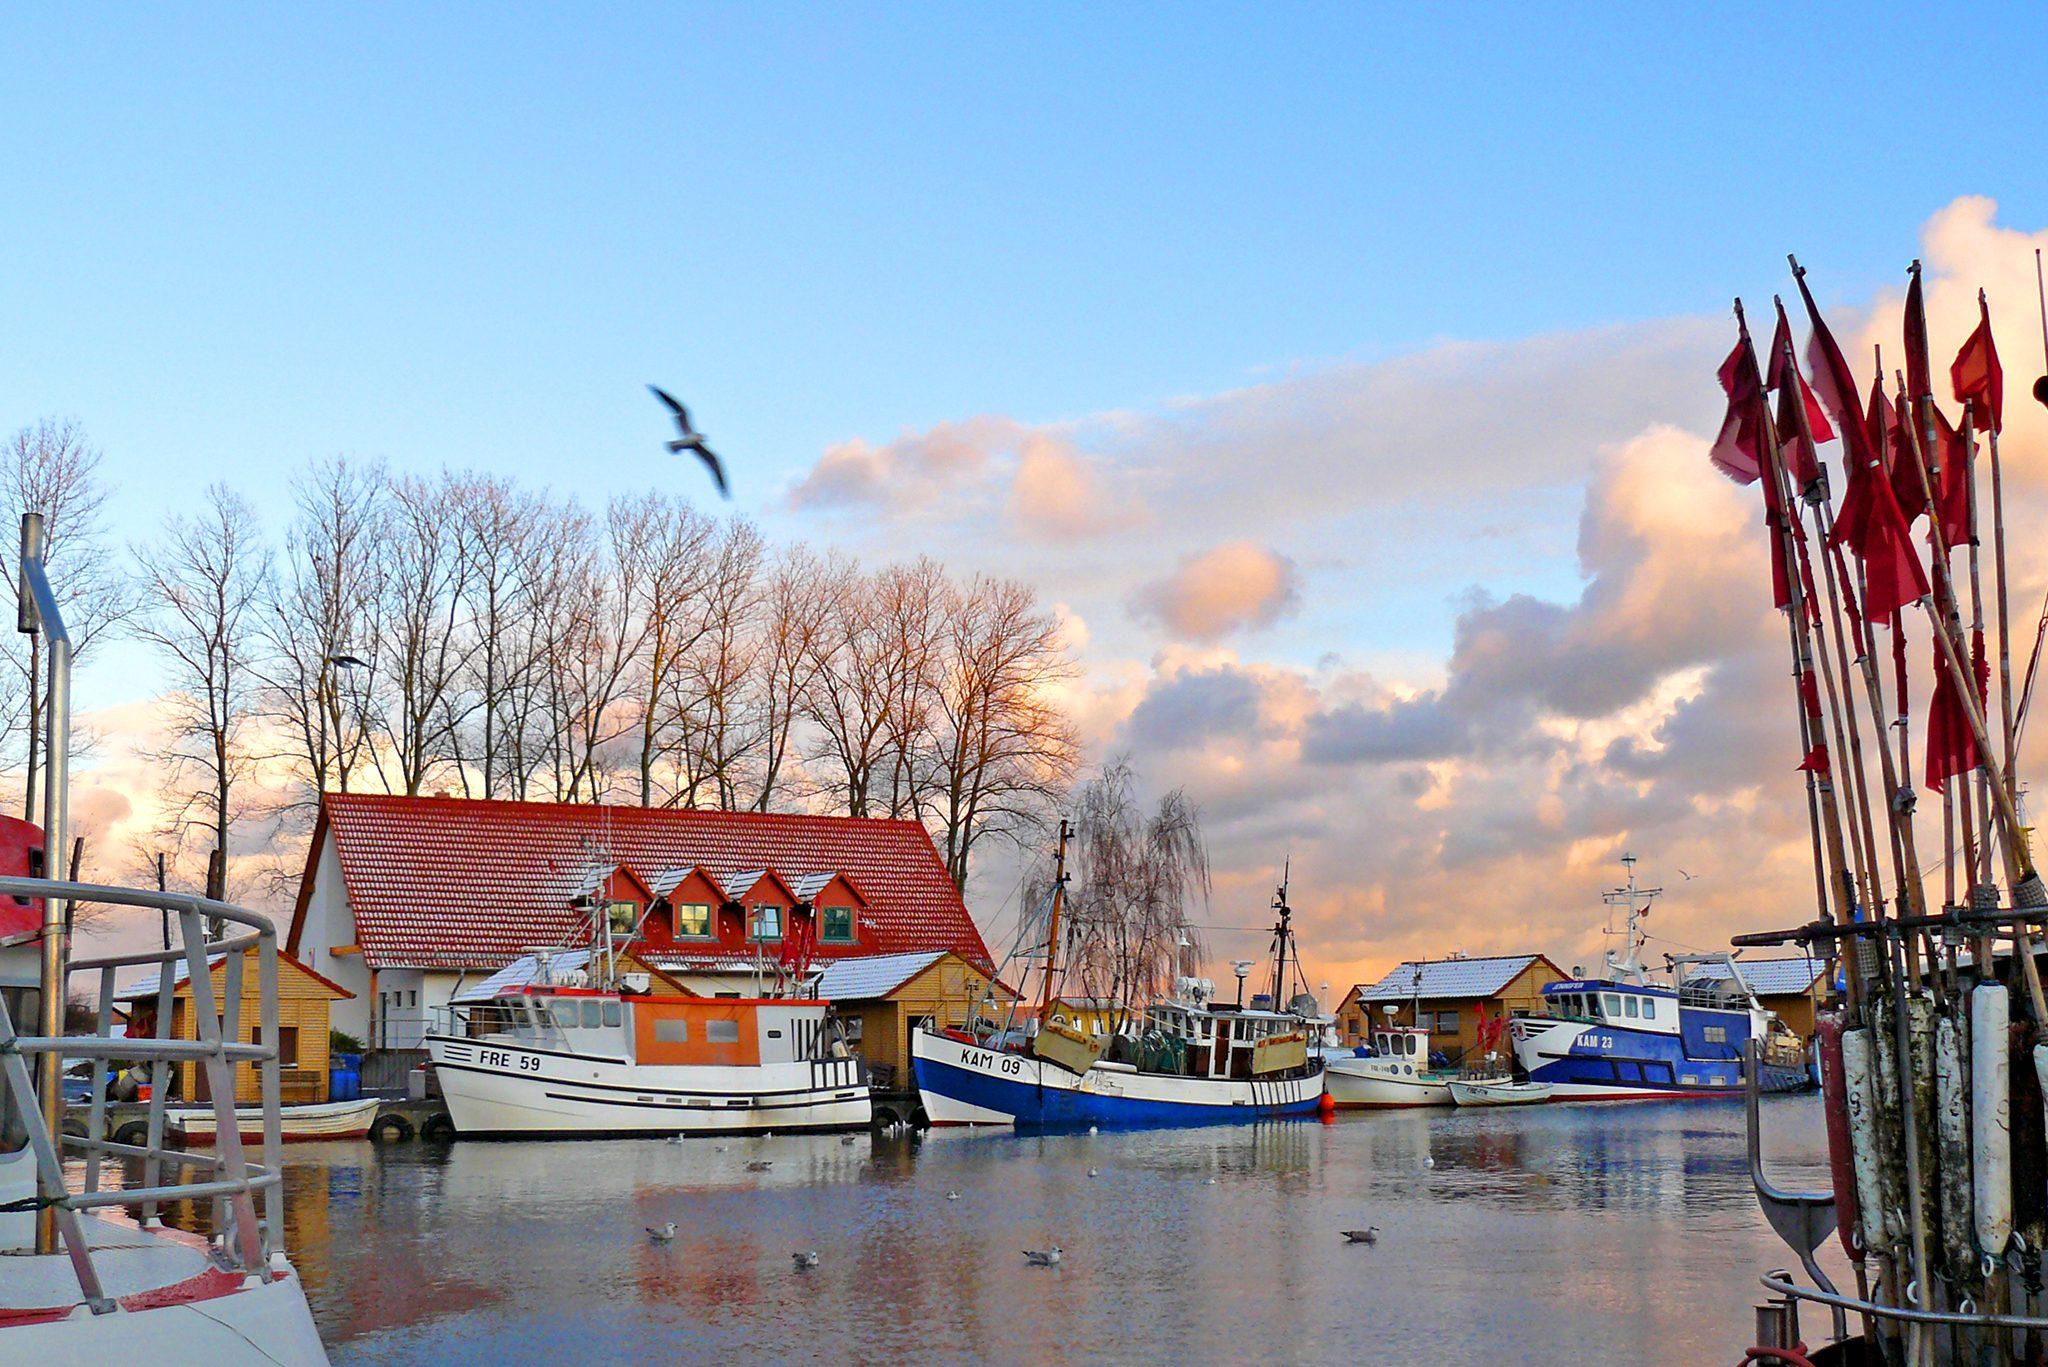 Hafen in Freest